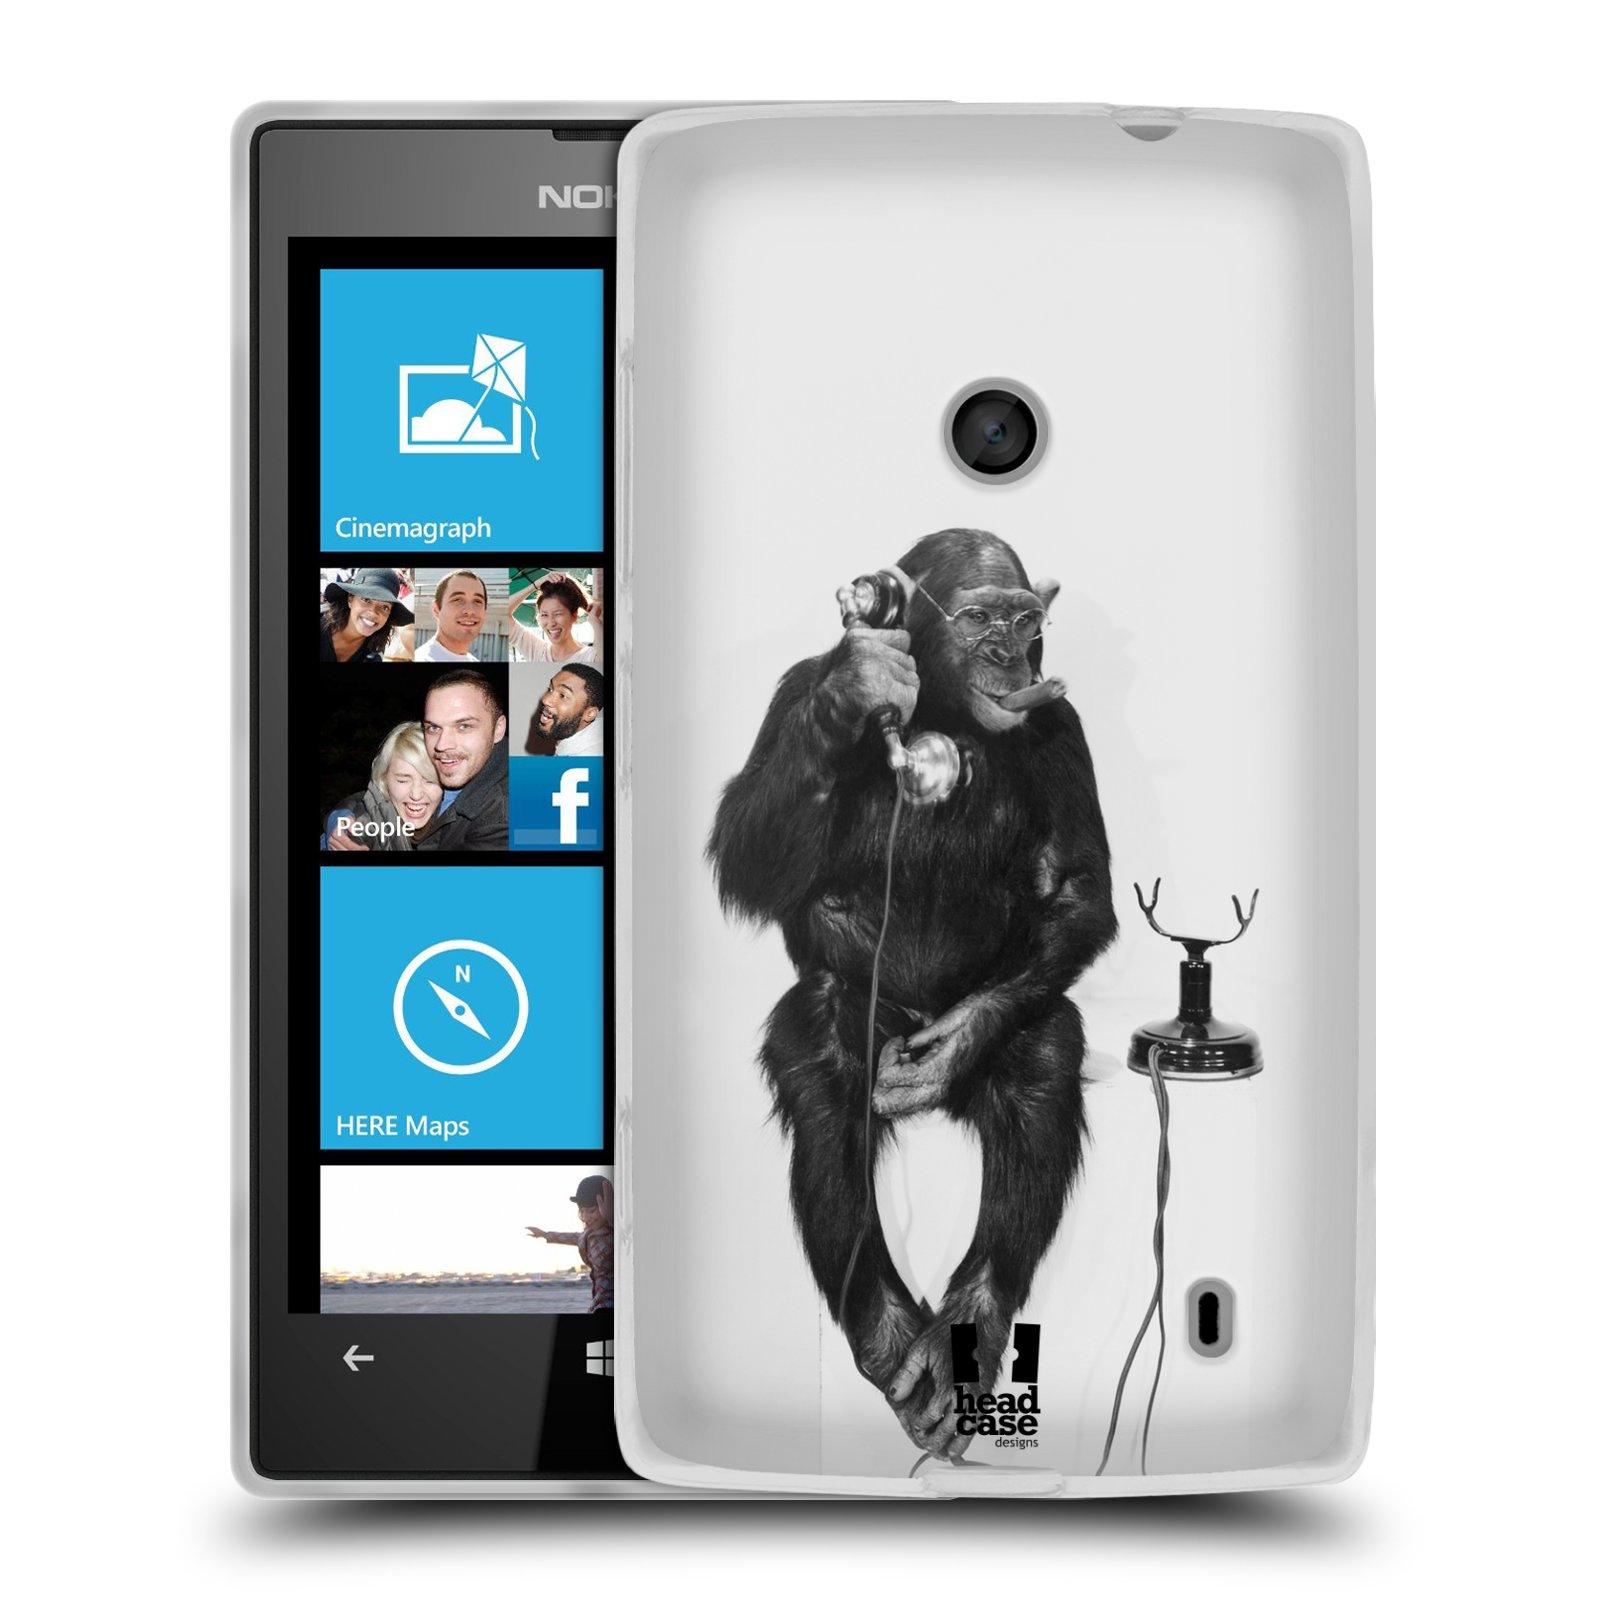 Silikonové pouzdro na mobil Nokia Lumia 520 HEAD CASE OPIČÁK S TELEFONEM (Silikonový Kryt či obal na mobilní telefon Nokia Lumia 520)